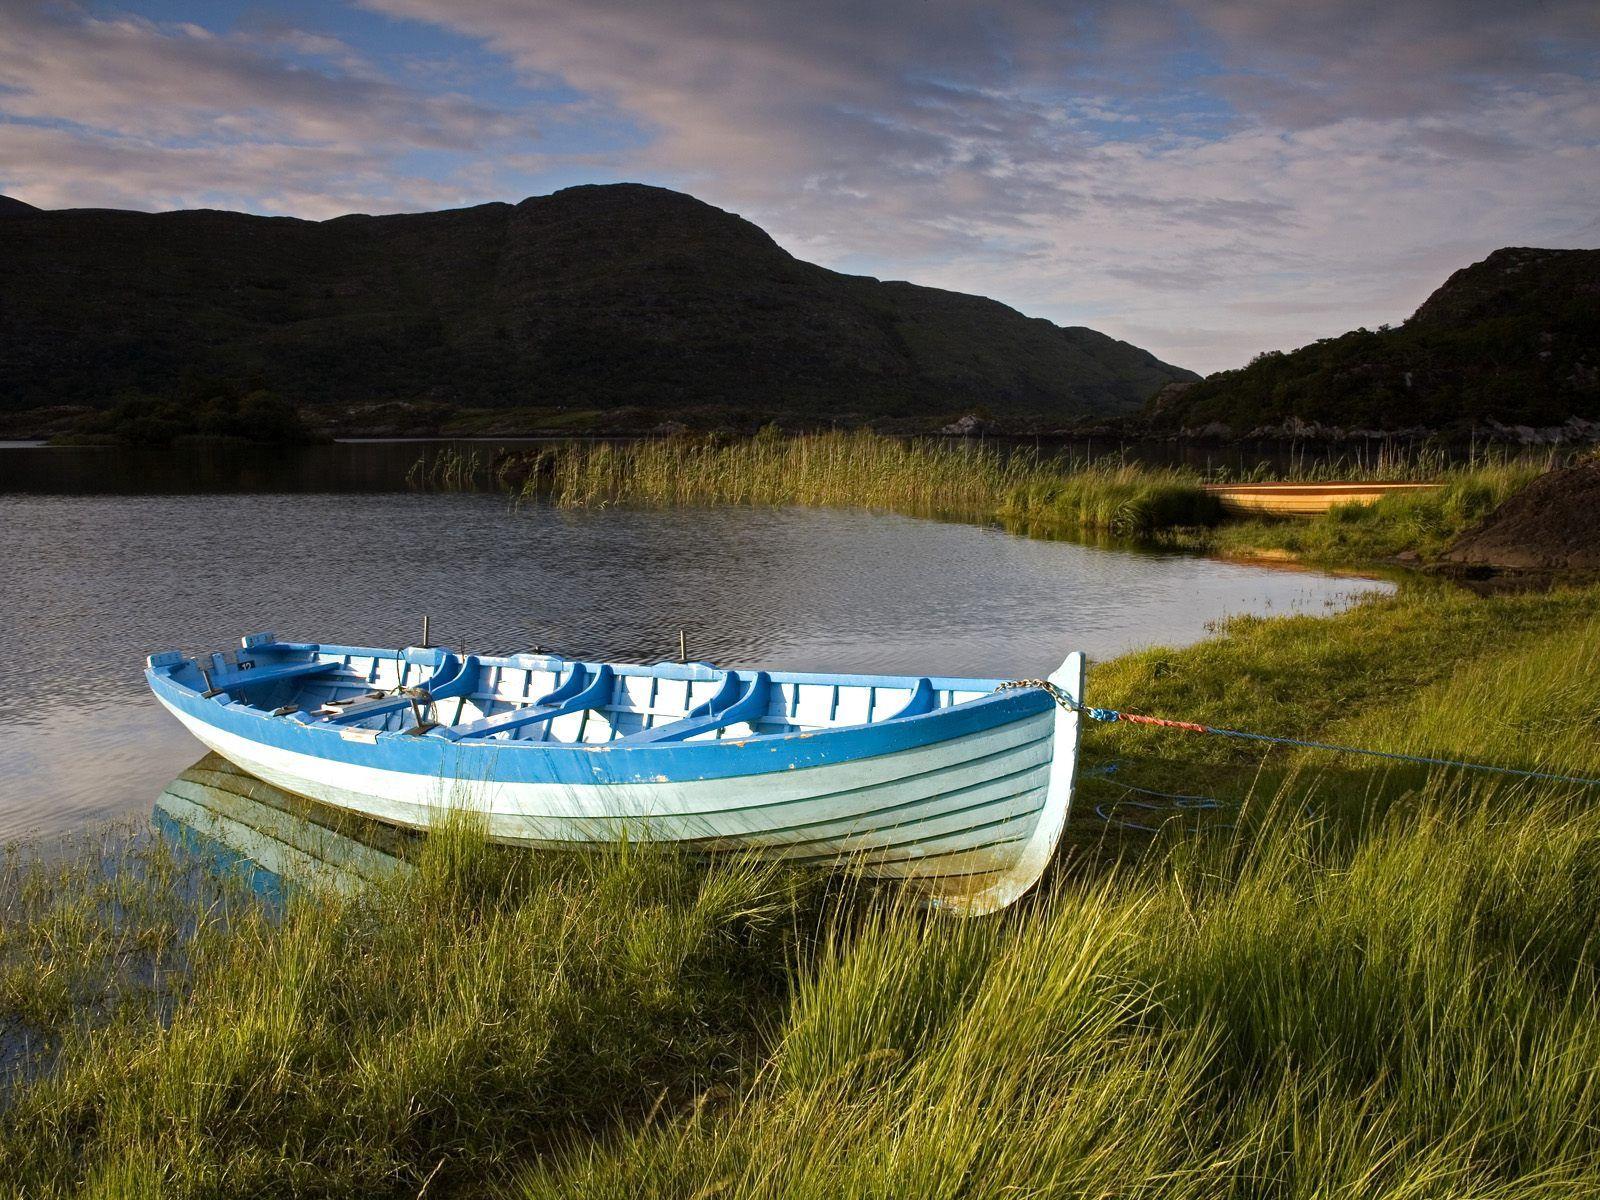 154463 Hintergrundbild herunterladen Irland, Natur, Ufer, Bank, Kabel, Ein Boot, Boot - Bildschirmschoner und Bilder kostenlos